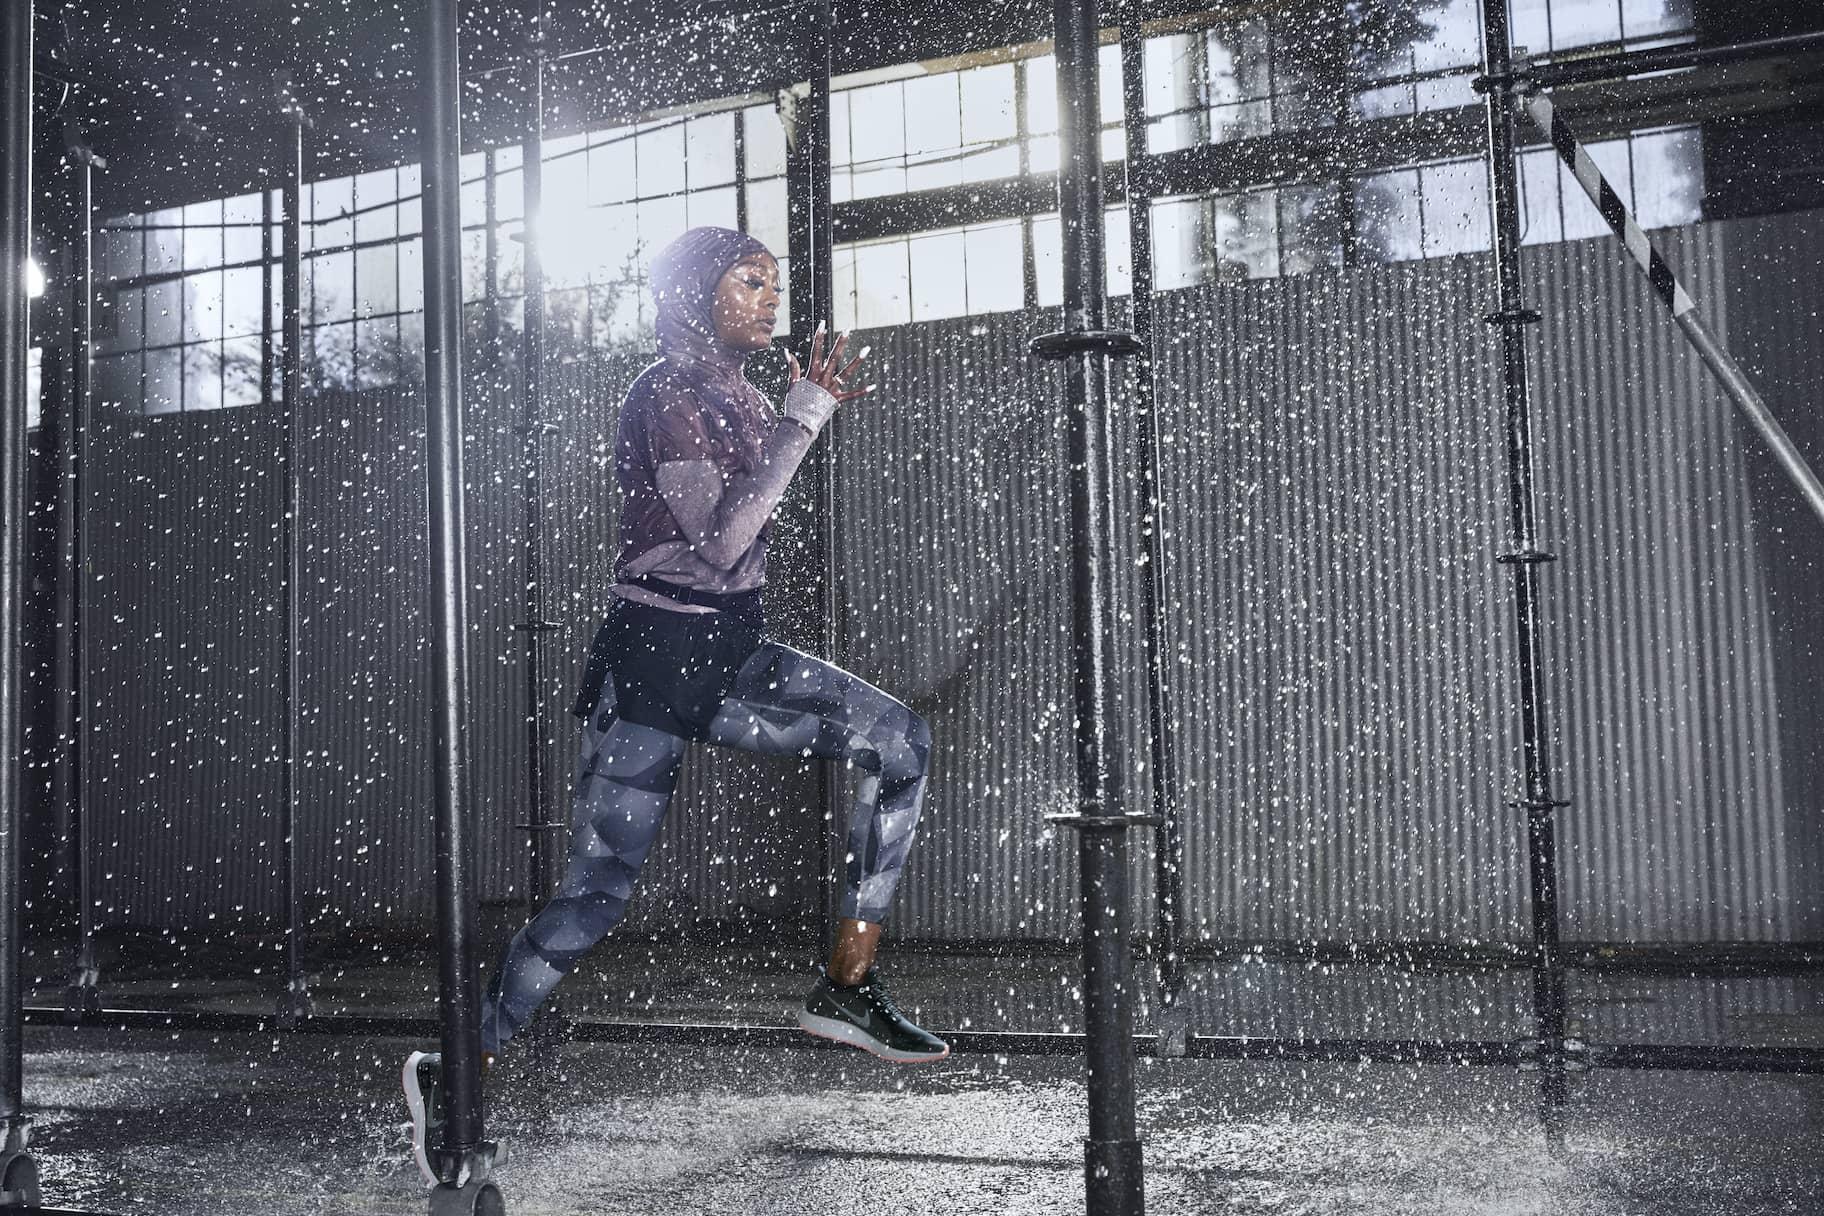 Yağmurlu Günlerde Koşmak İçin Su Geçirmez Koşu Stilleri